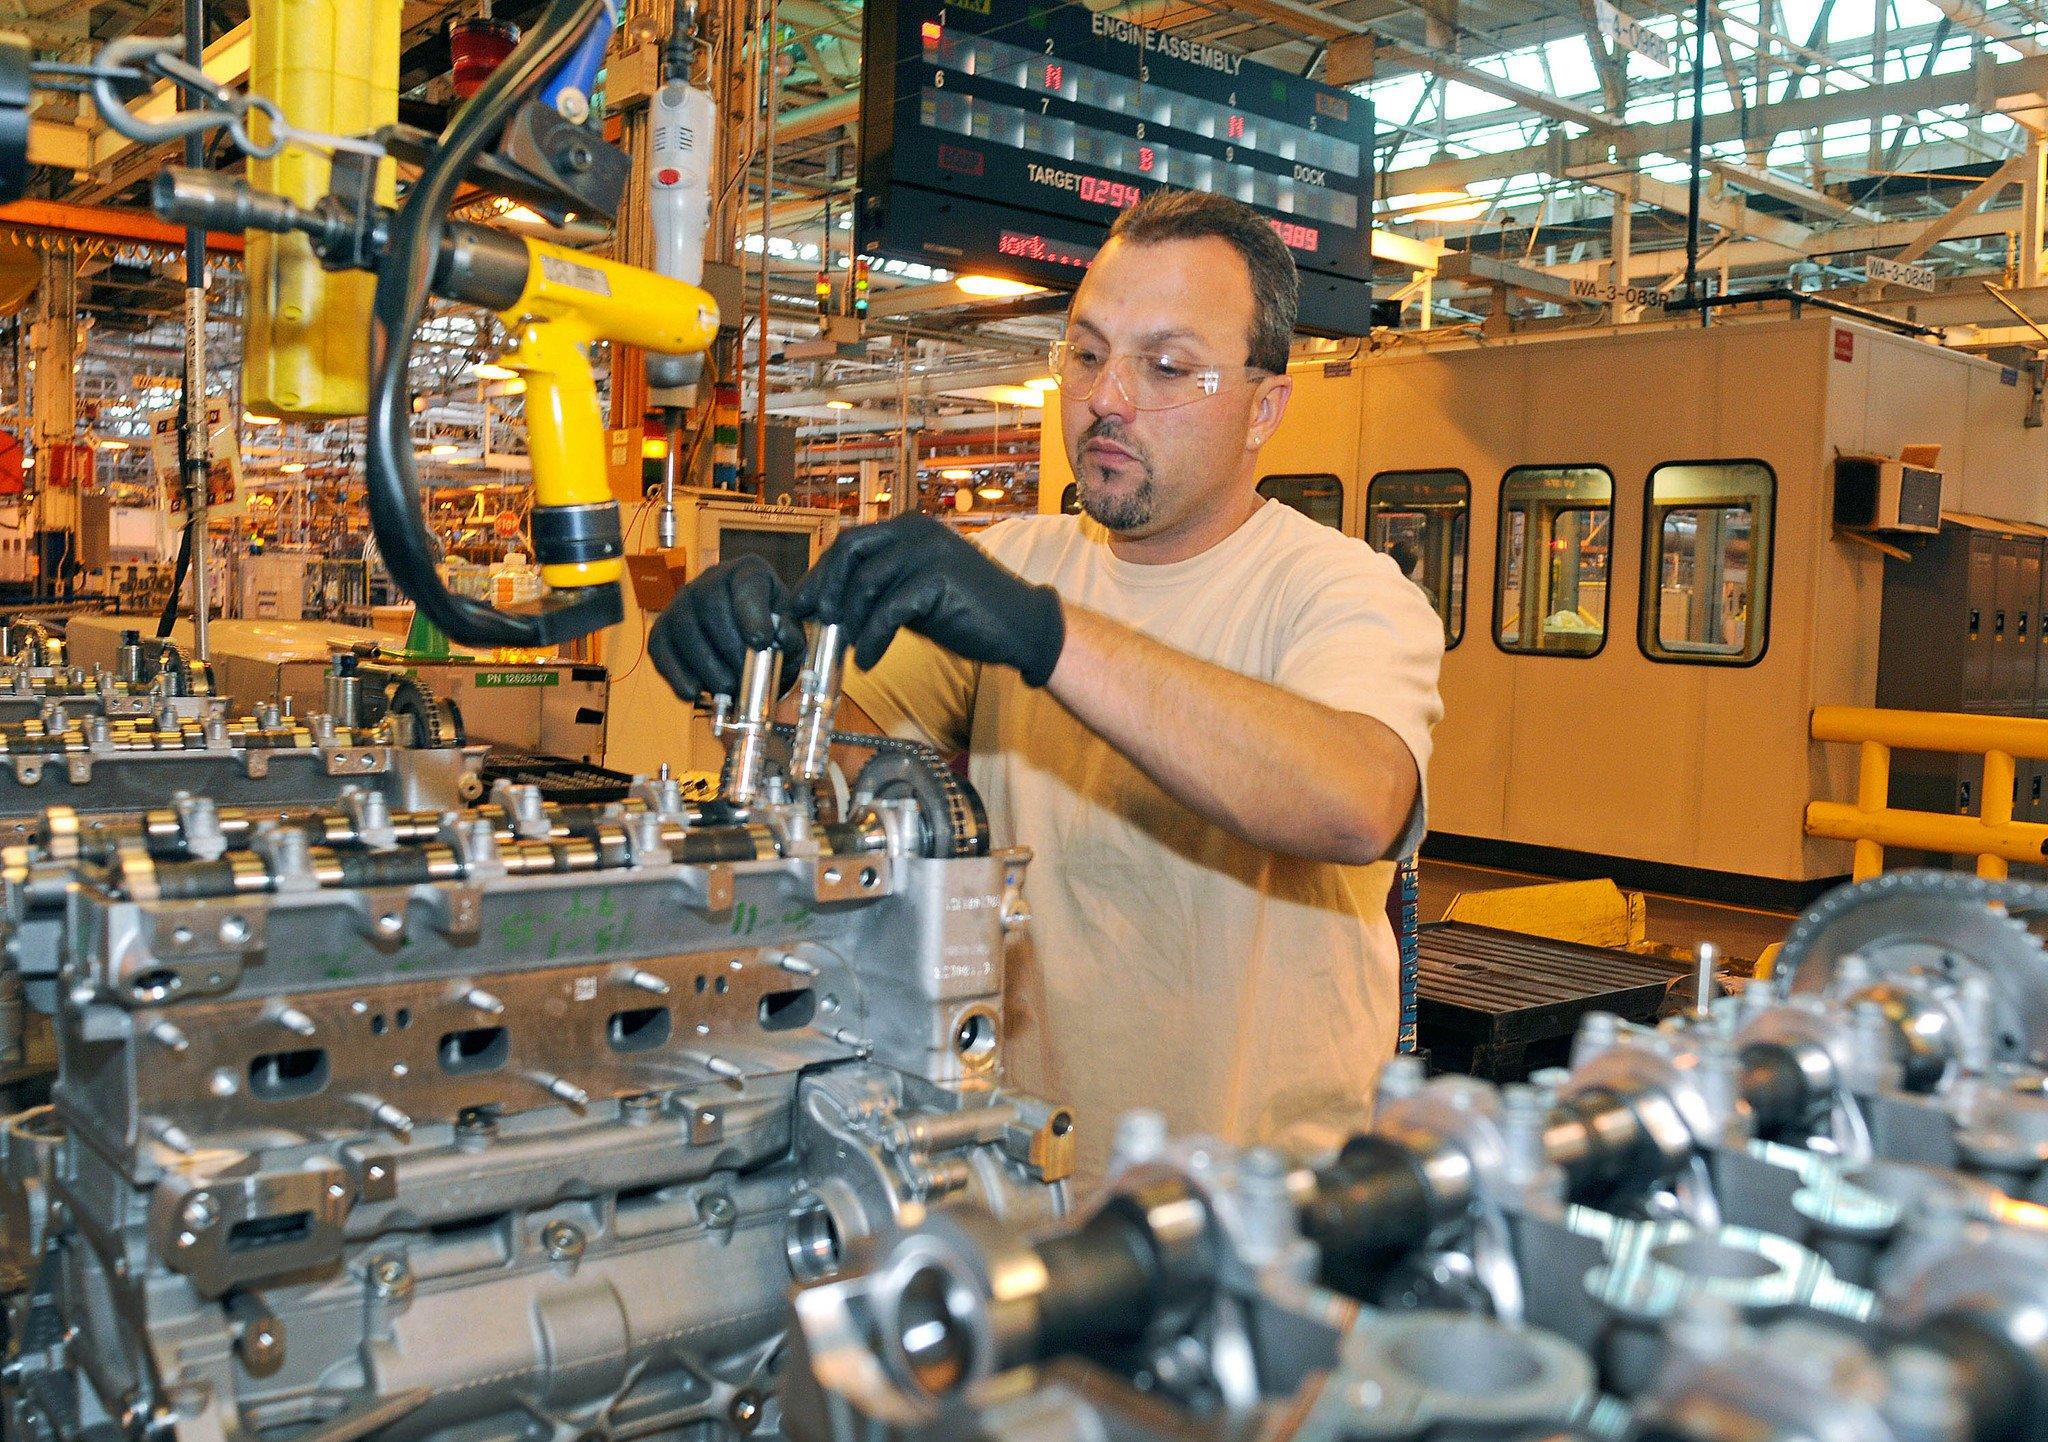 Desempleo en millenials tamaulipecos alcanza 7.9%